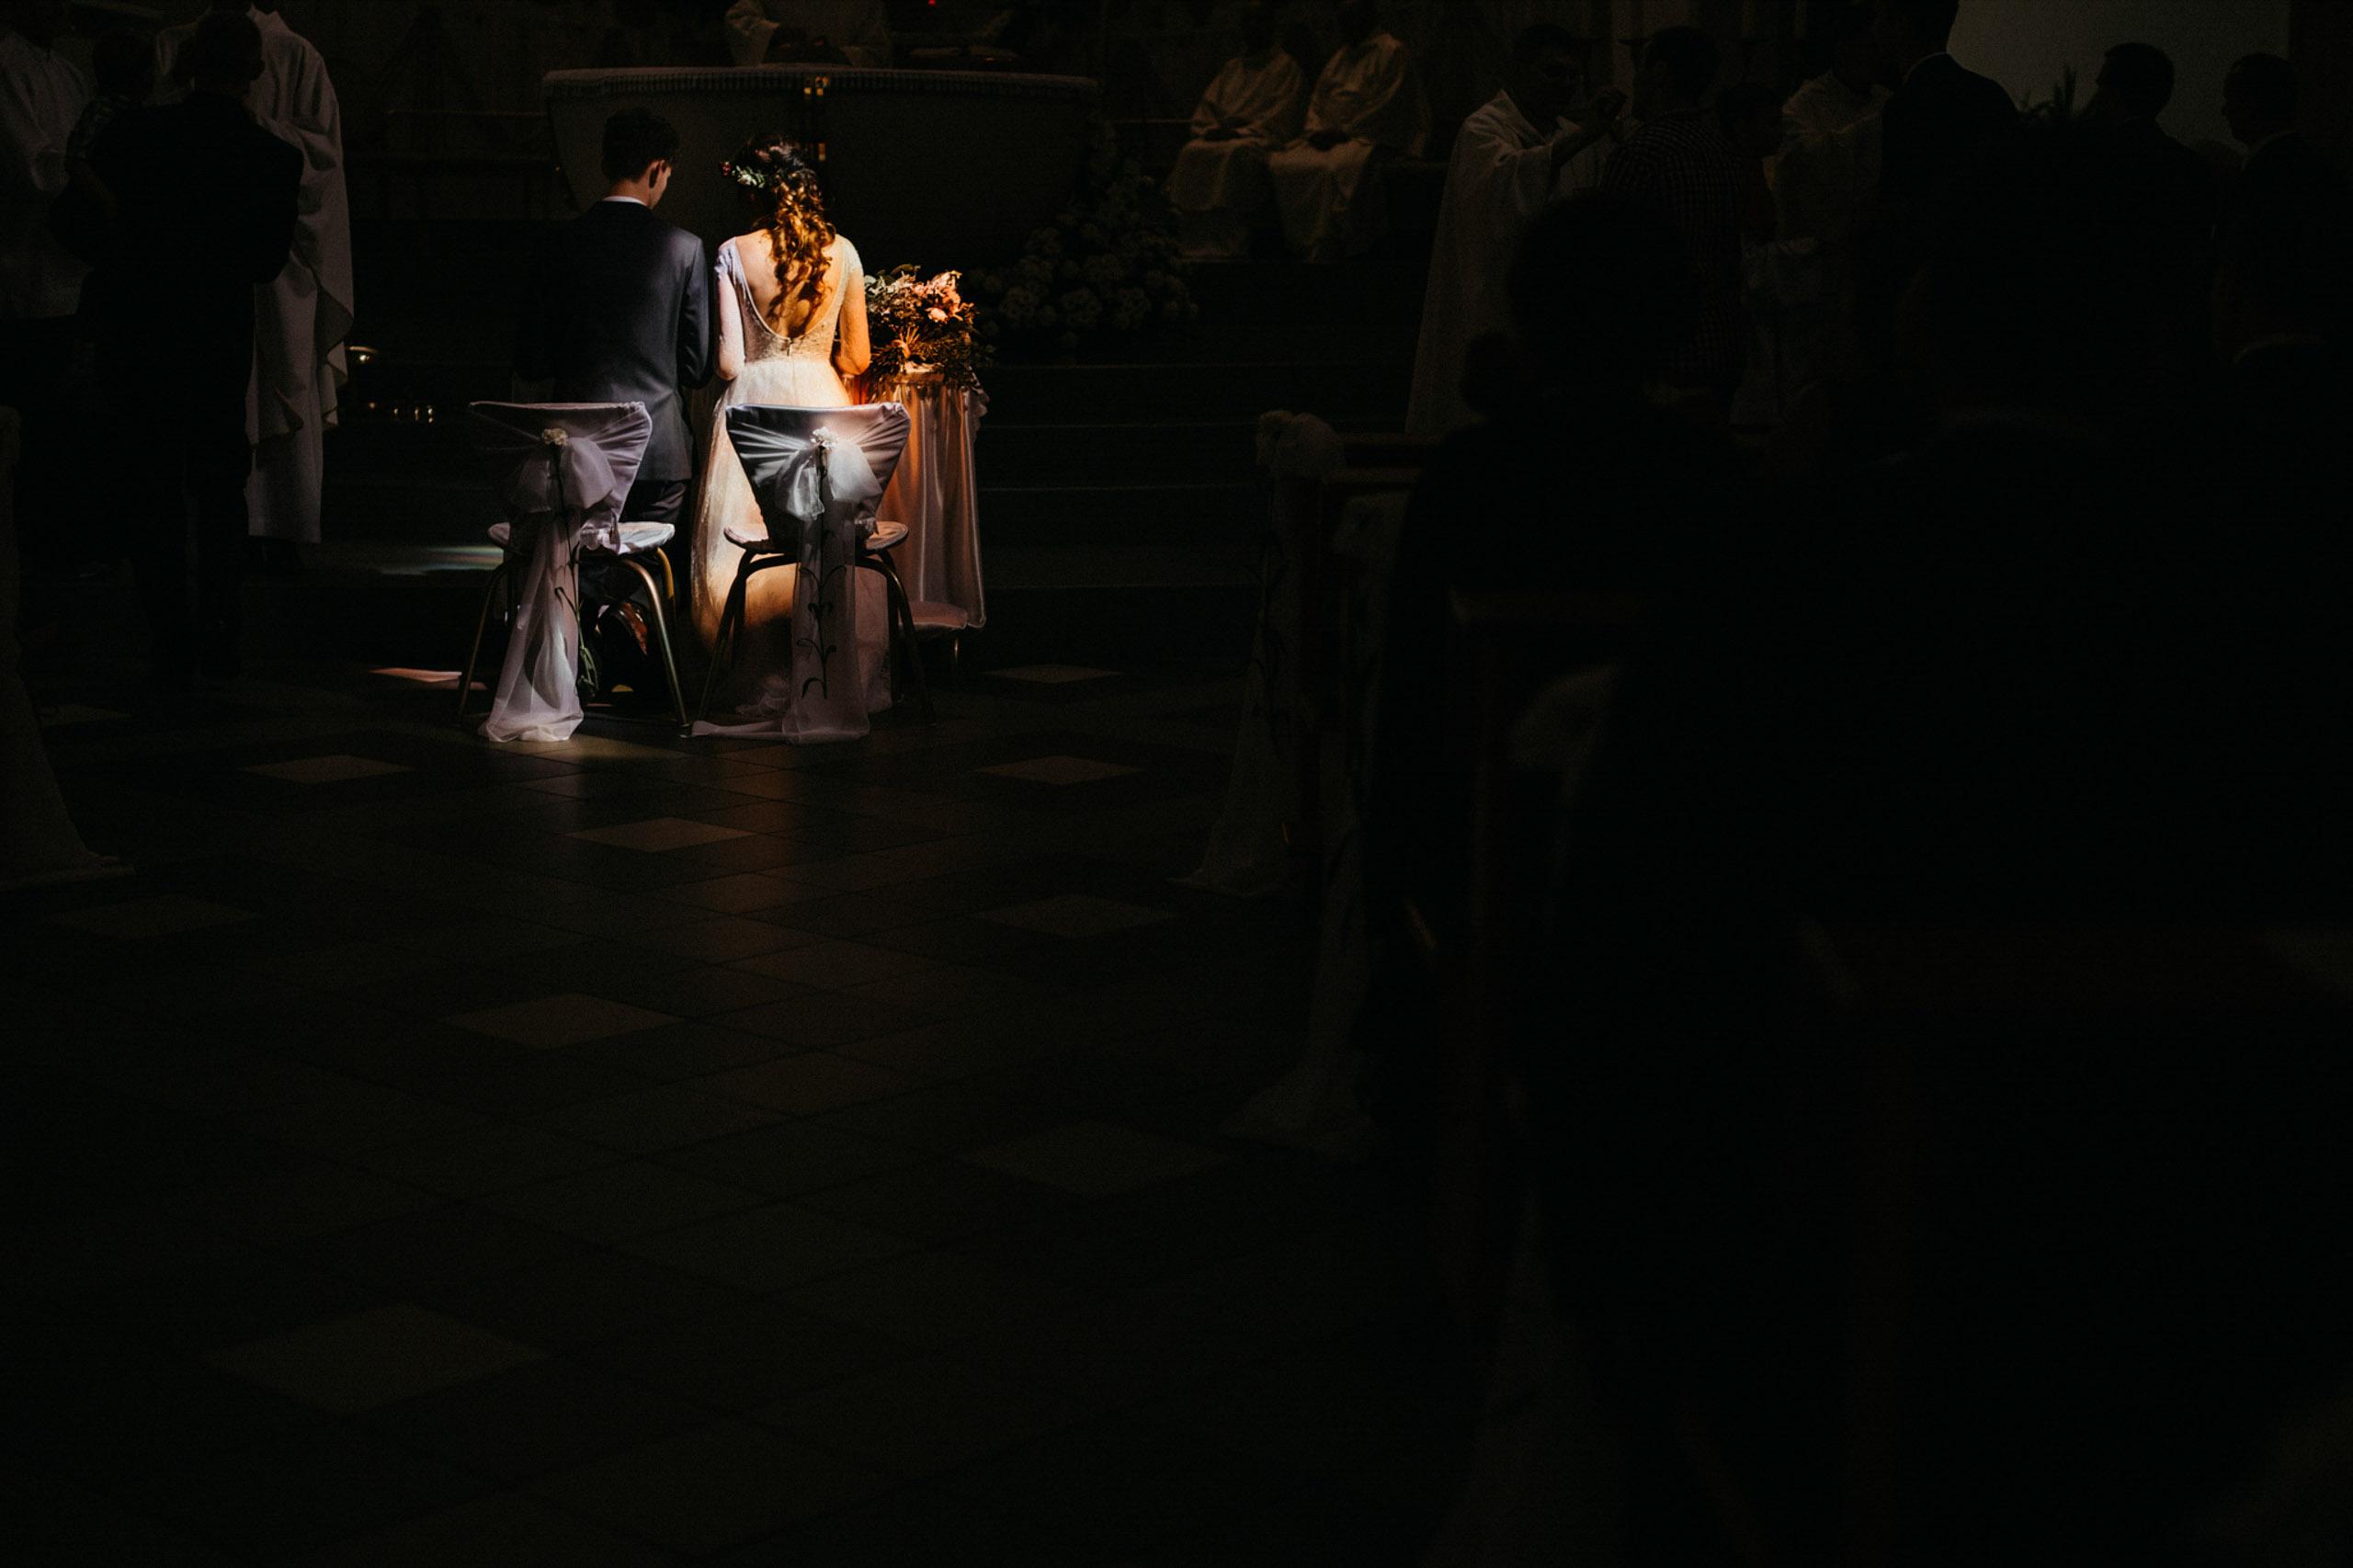 reportaz slubny fotograf katowice krakow warszawa 00020